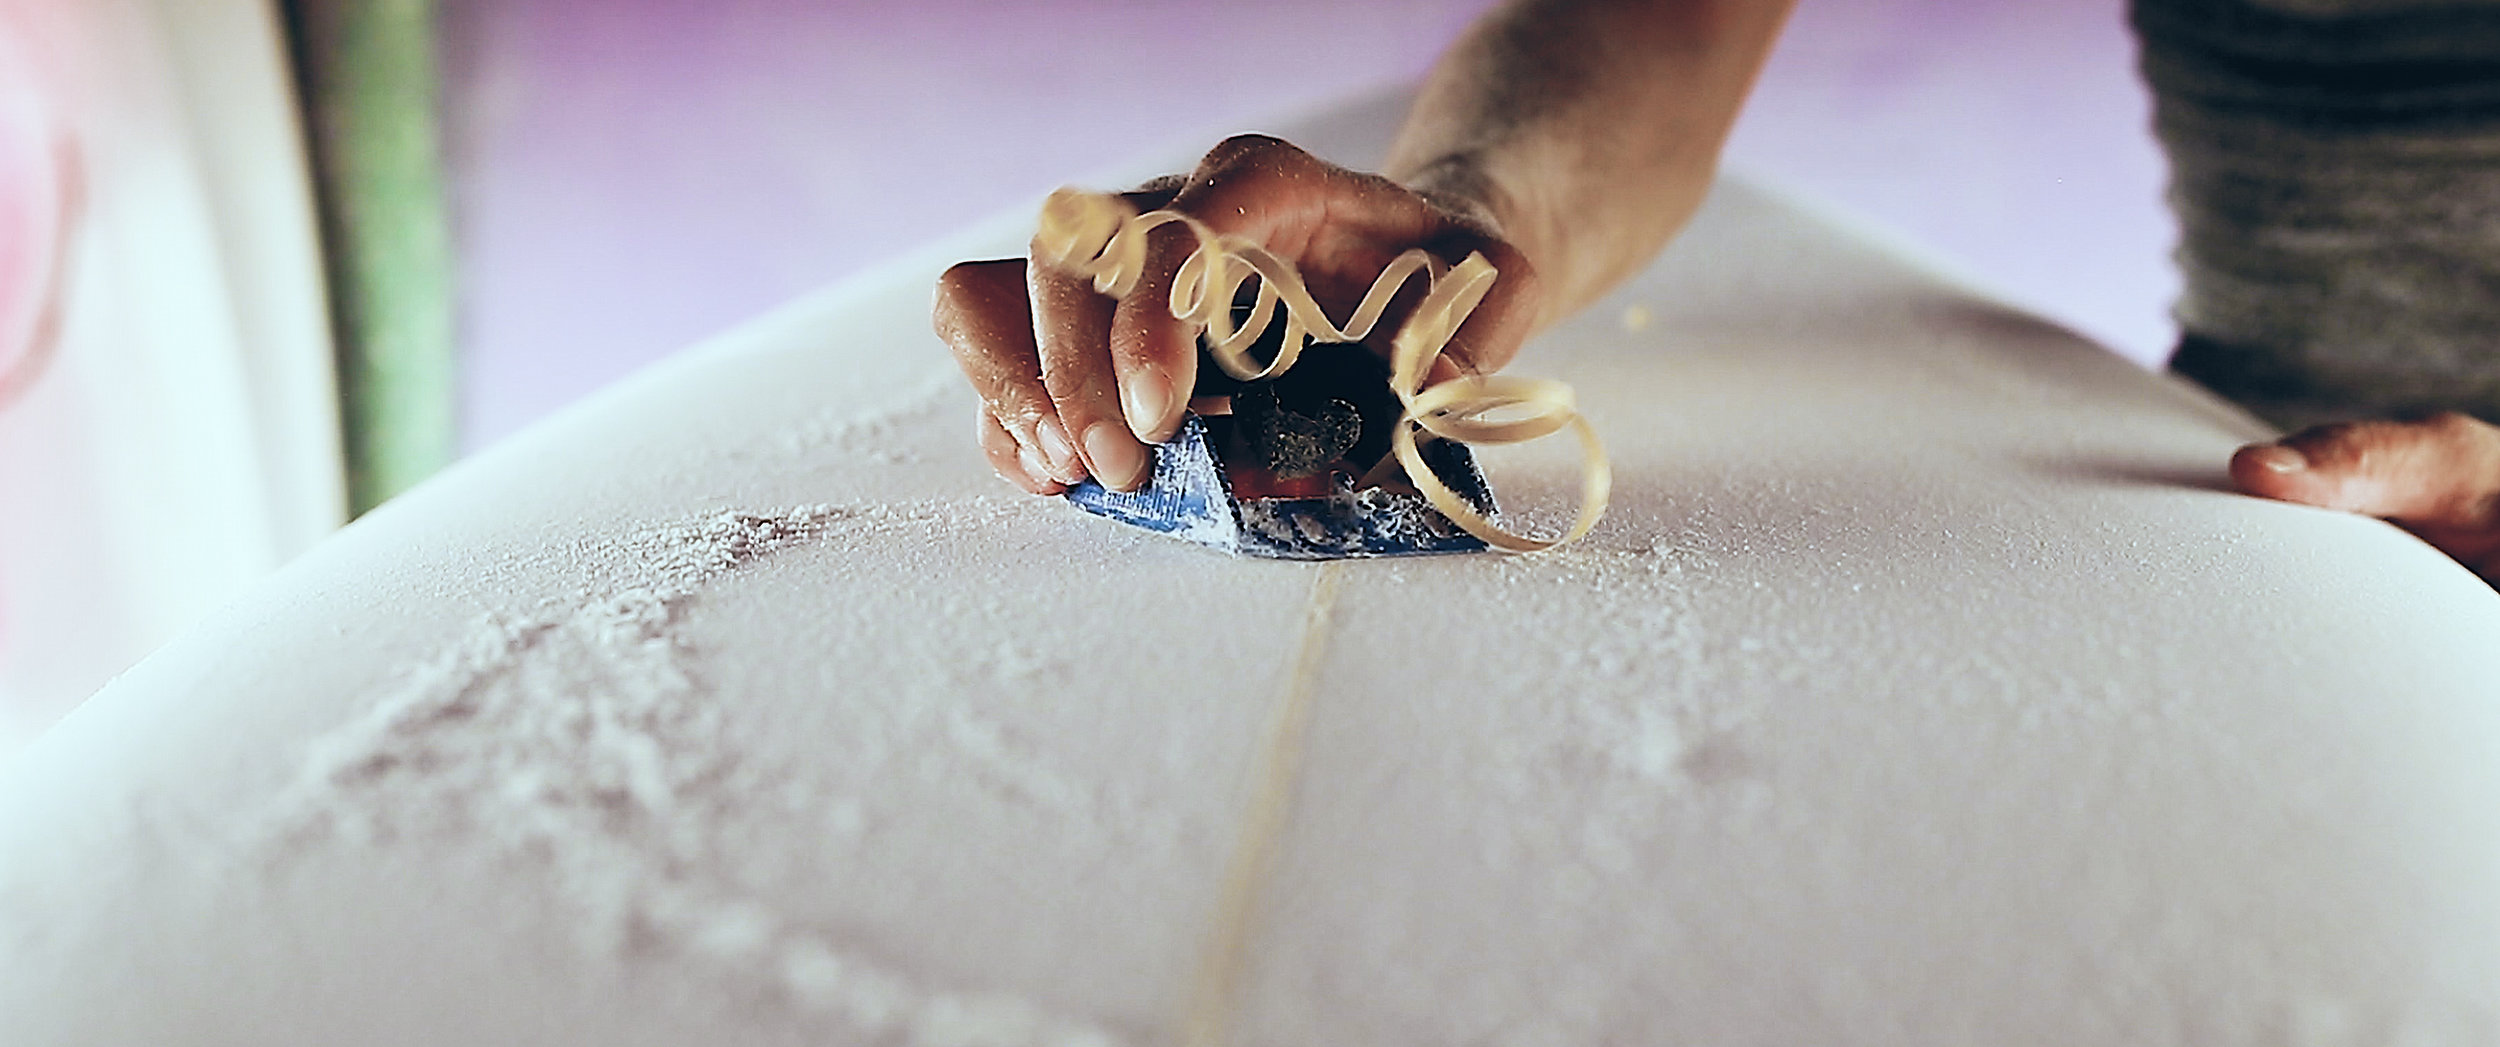 mere made surfboard_4K.00_01_25_10.Still024.jpg